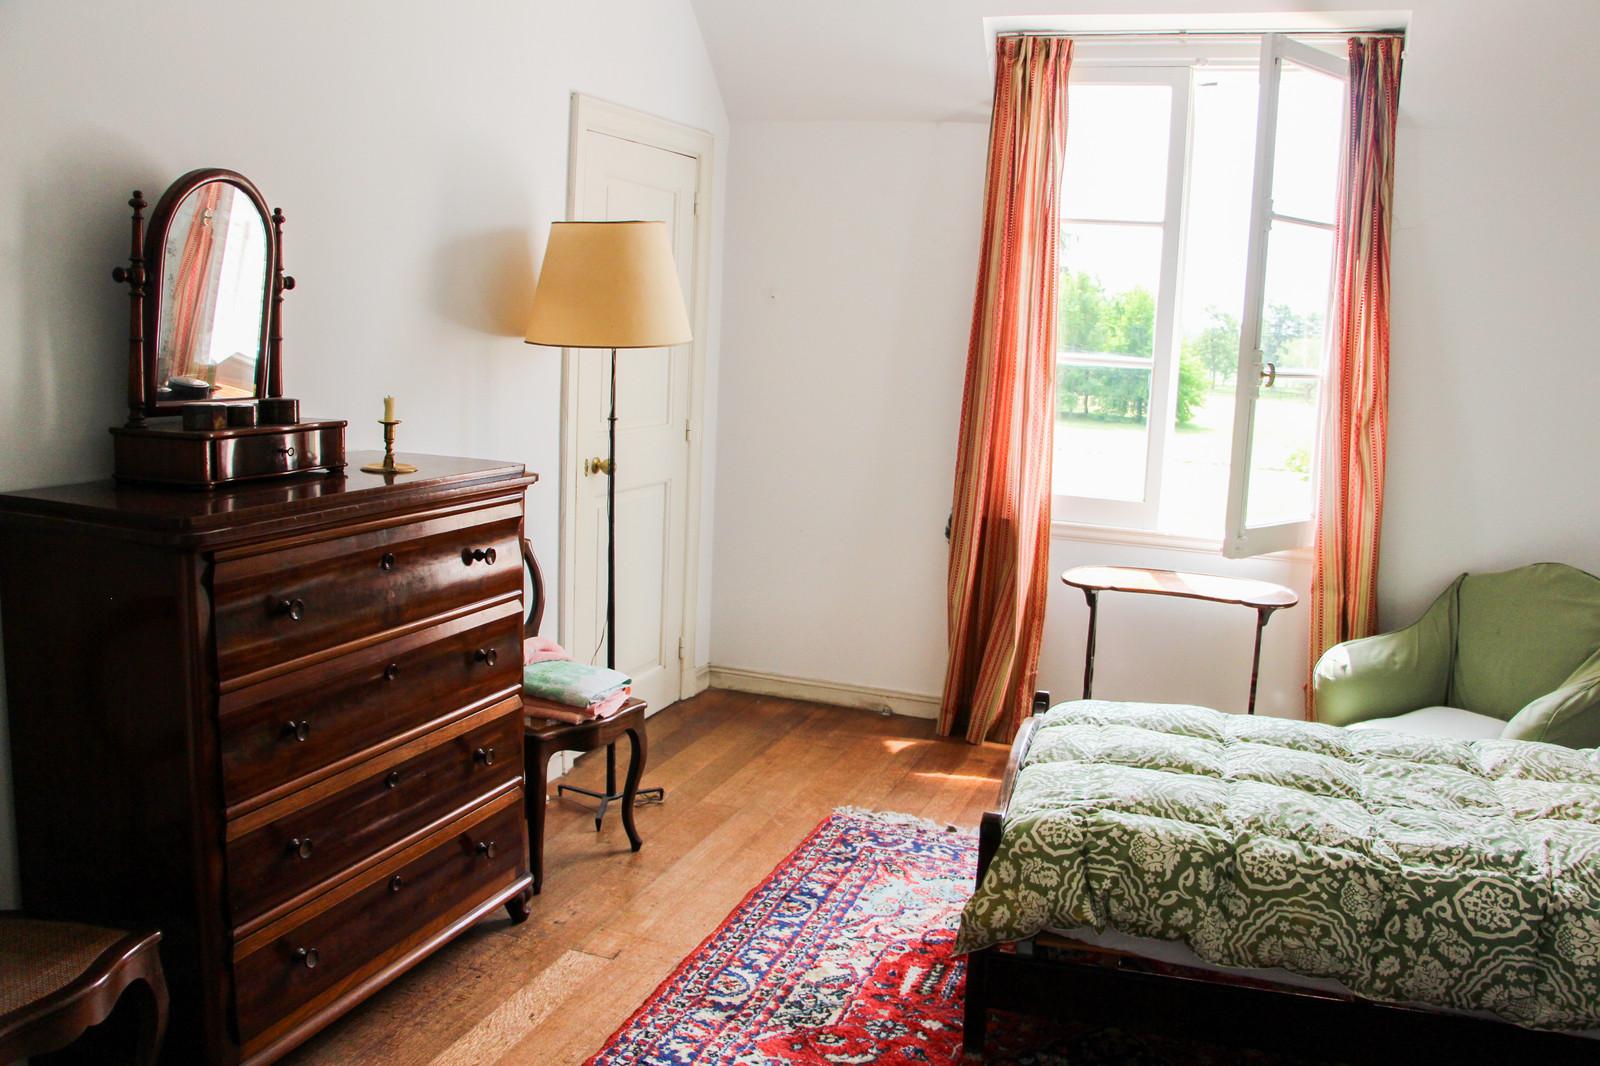 Estancia san vicente alojamiento for Alojamiento estancia 30m2